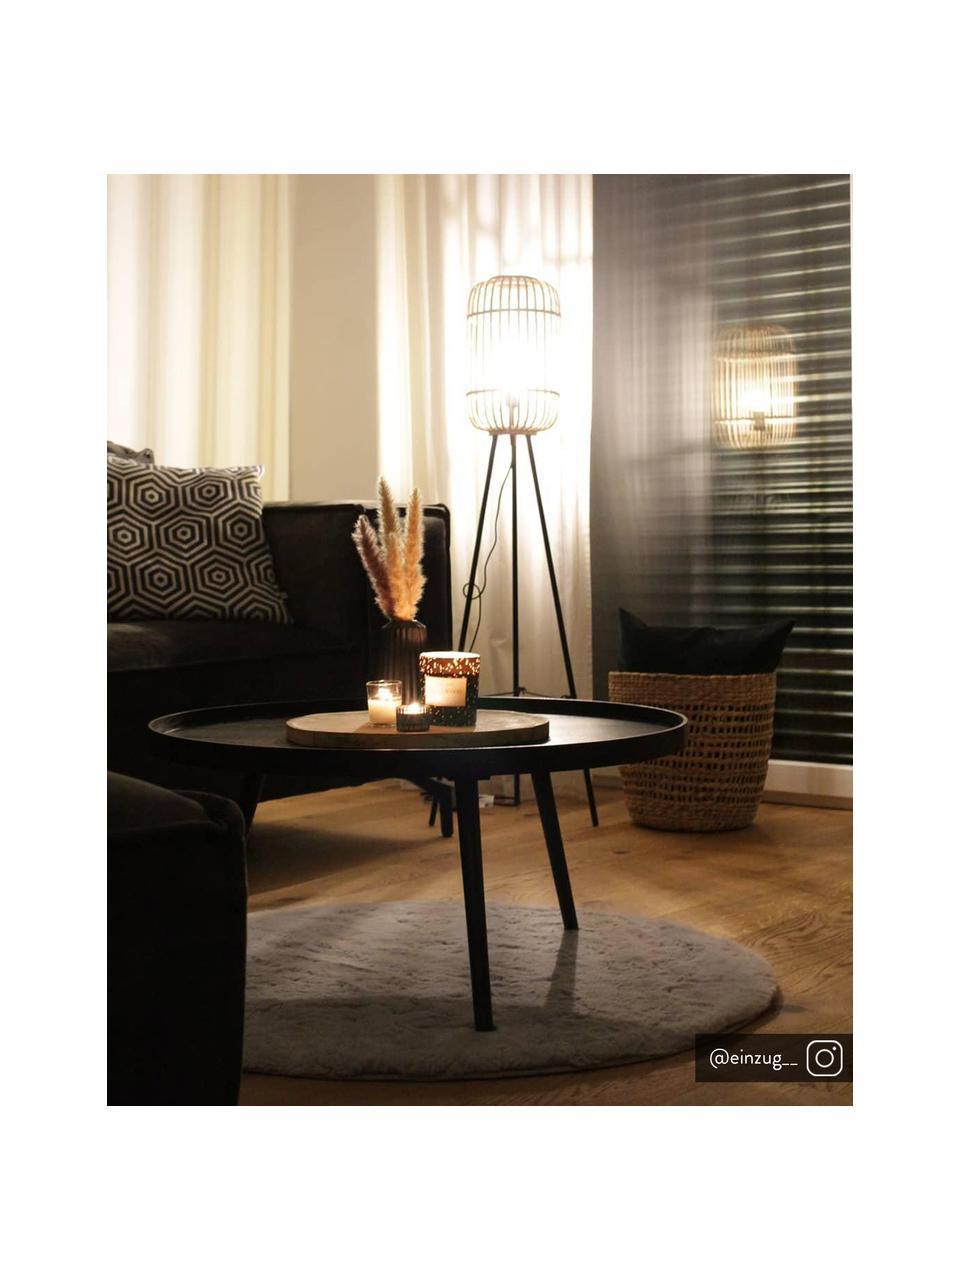 Kleine Tripod Stehlampe Woodrow aus Rattan, Lampenschirm: Rattan, Lampenfuß: Metall, Rattan, Schwarz, Ø 45 x H 130 cm